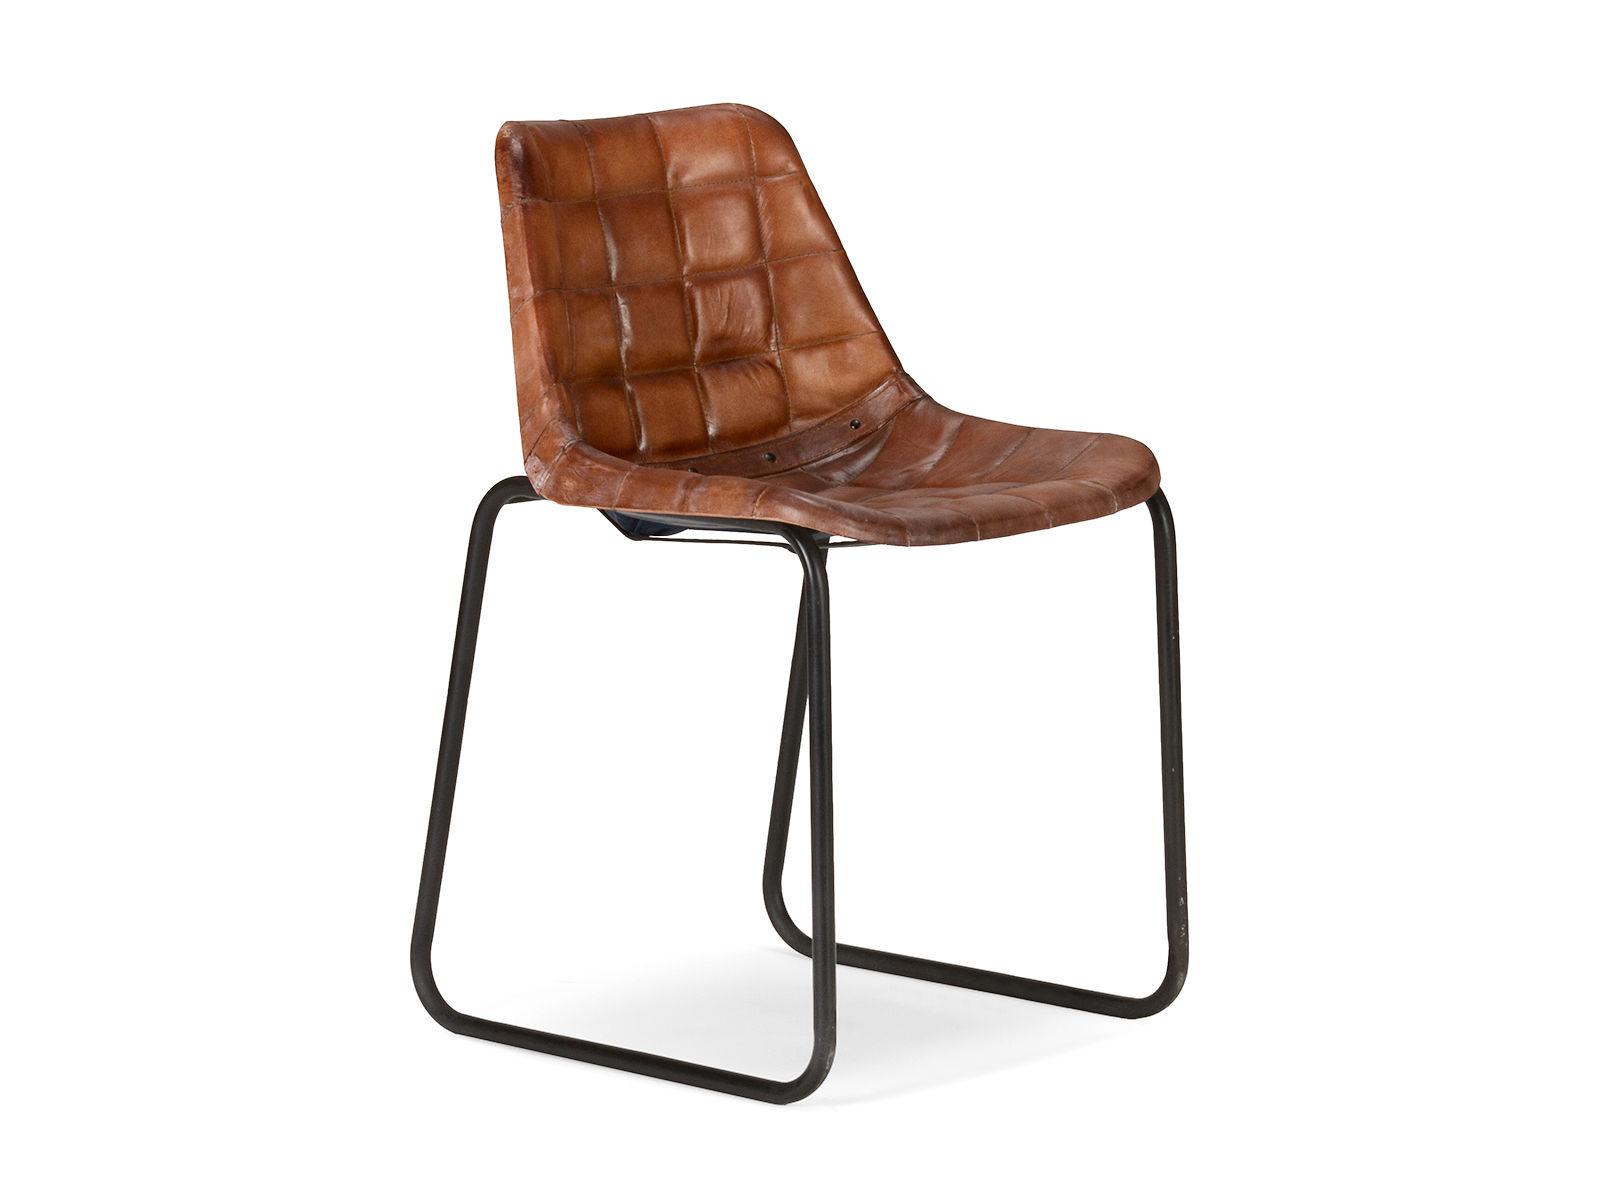 industrial stuhl braun industrie look versandkostenfreie m bel online bestellen. Black Bedroom Furniture Sets. Home Design Ideas